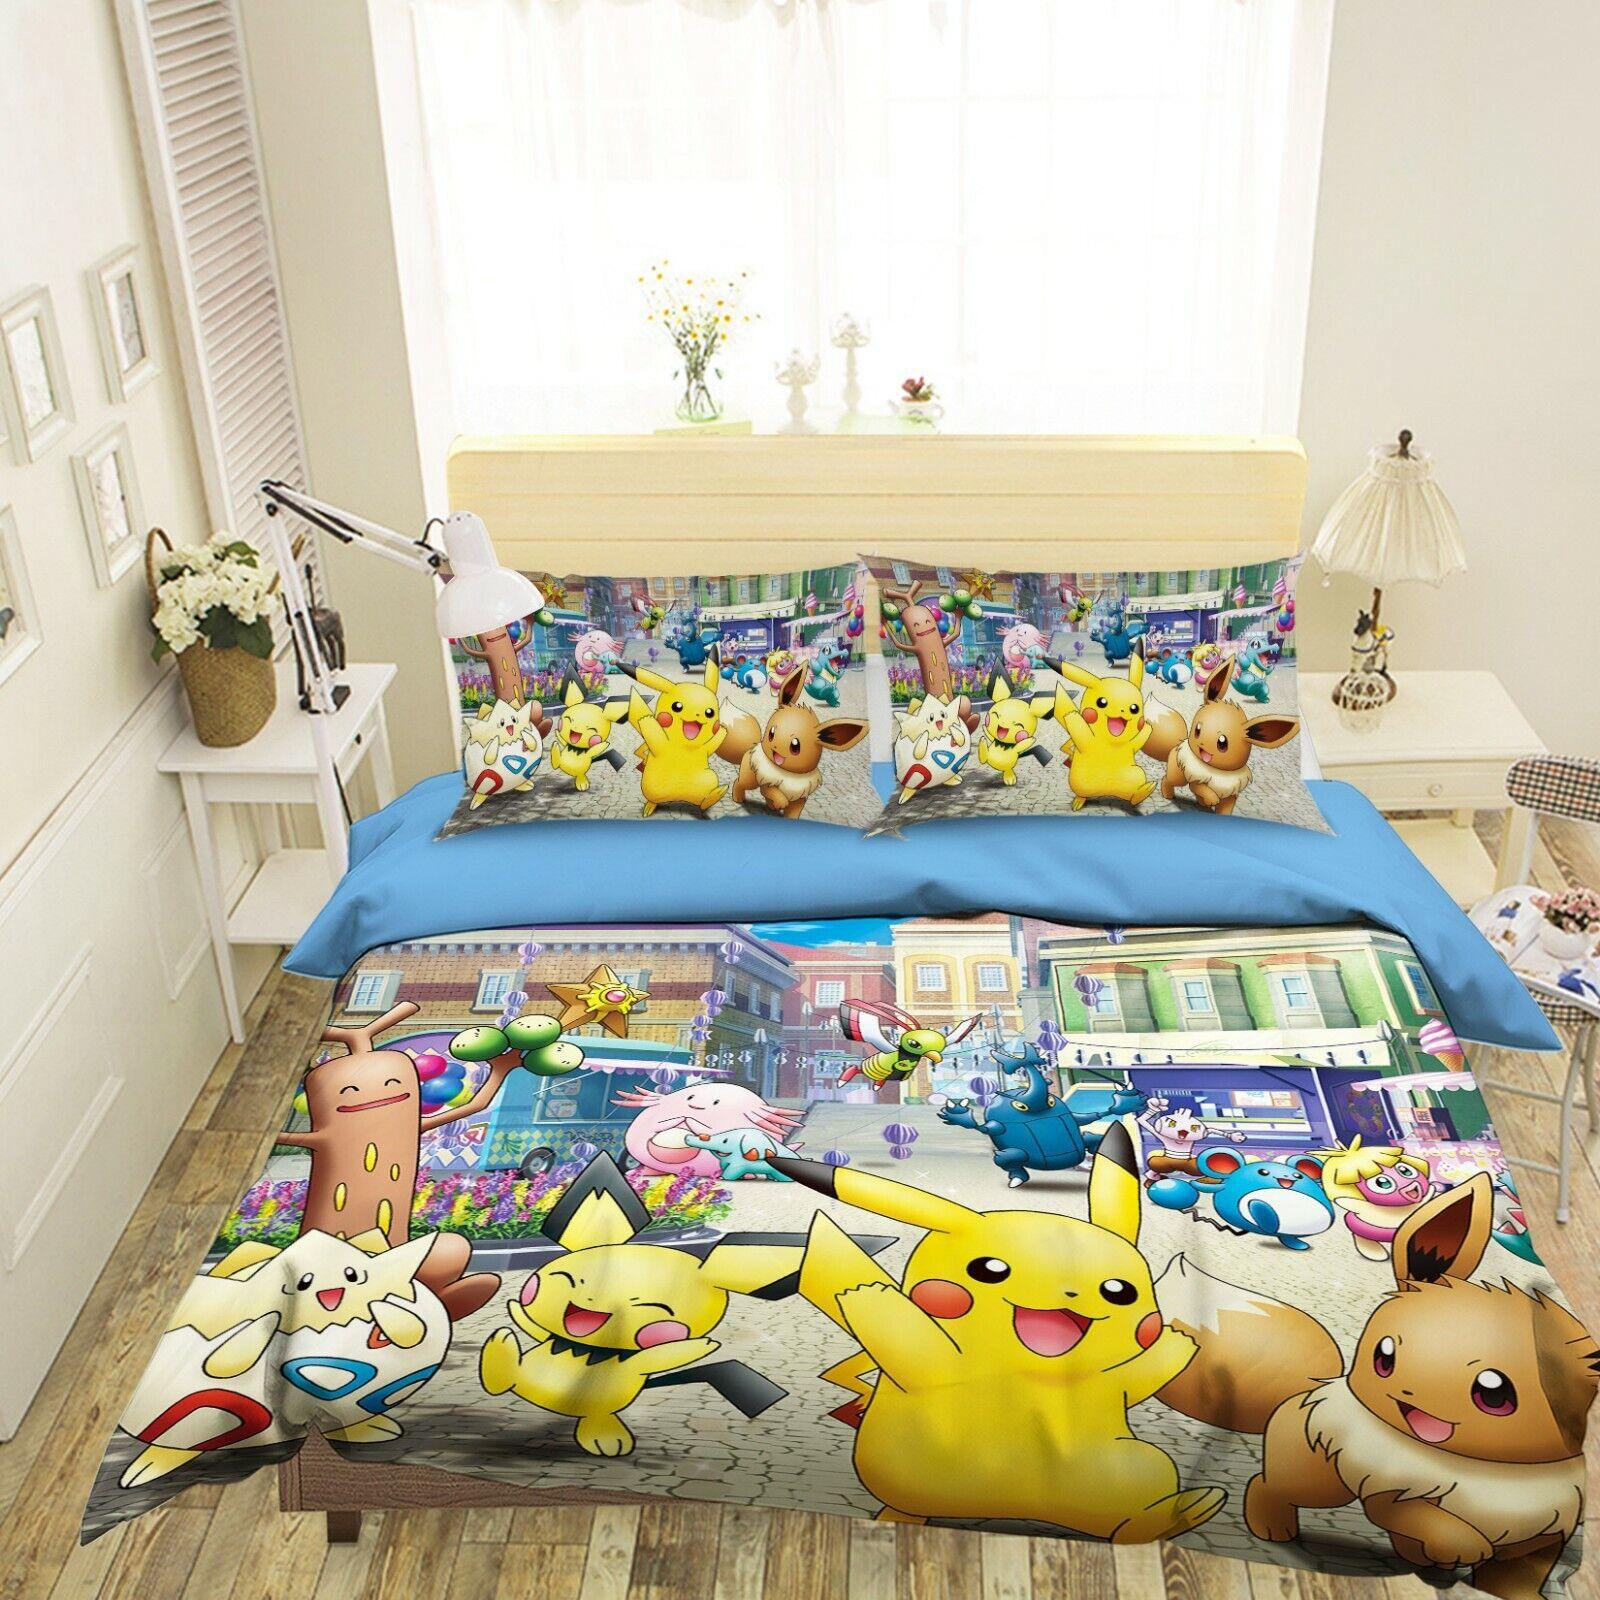 3D Duvet Cover For Pokemon O64 Japan Anime Bed Pillowcases Quilt Cover Duvet Amy